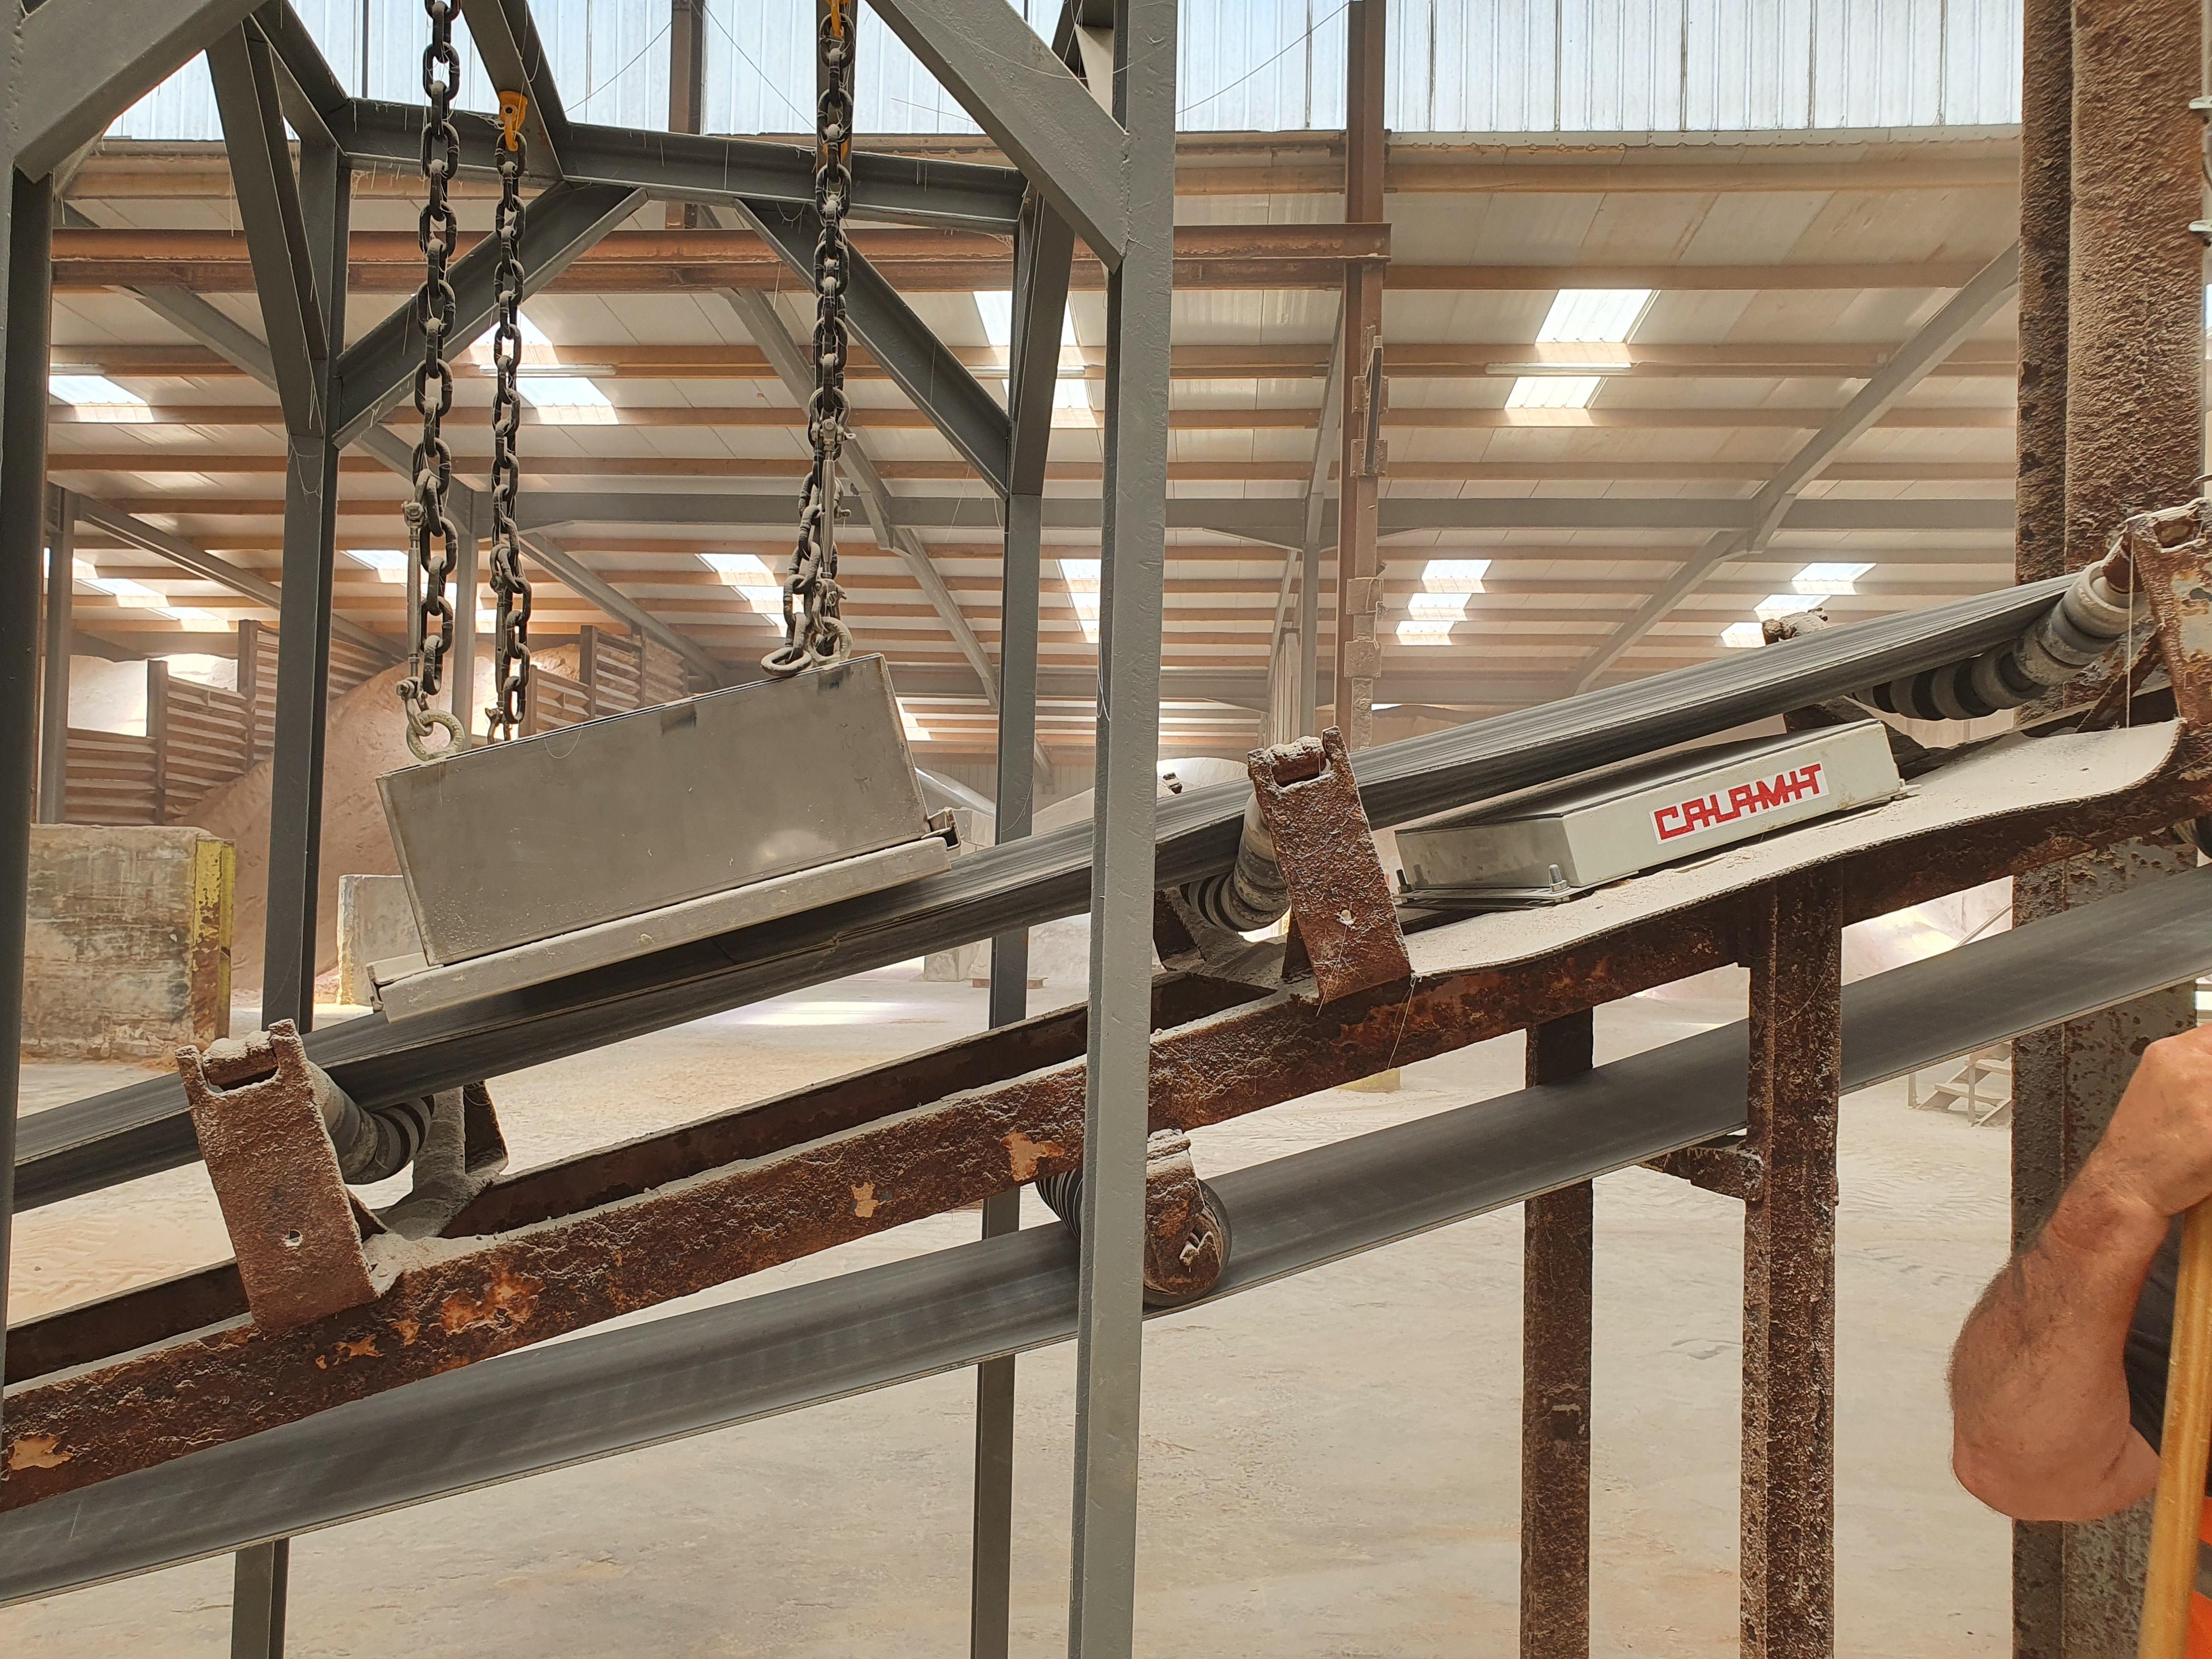 détecteur de métaux à Plaque (MDE) accompagné d'un séparateur de métaux (TED)